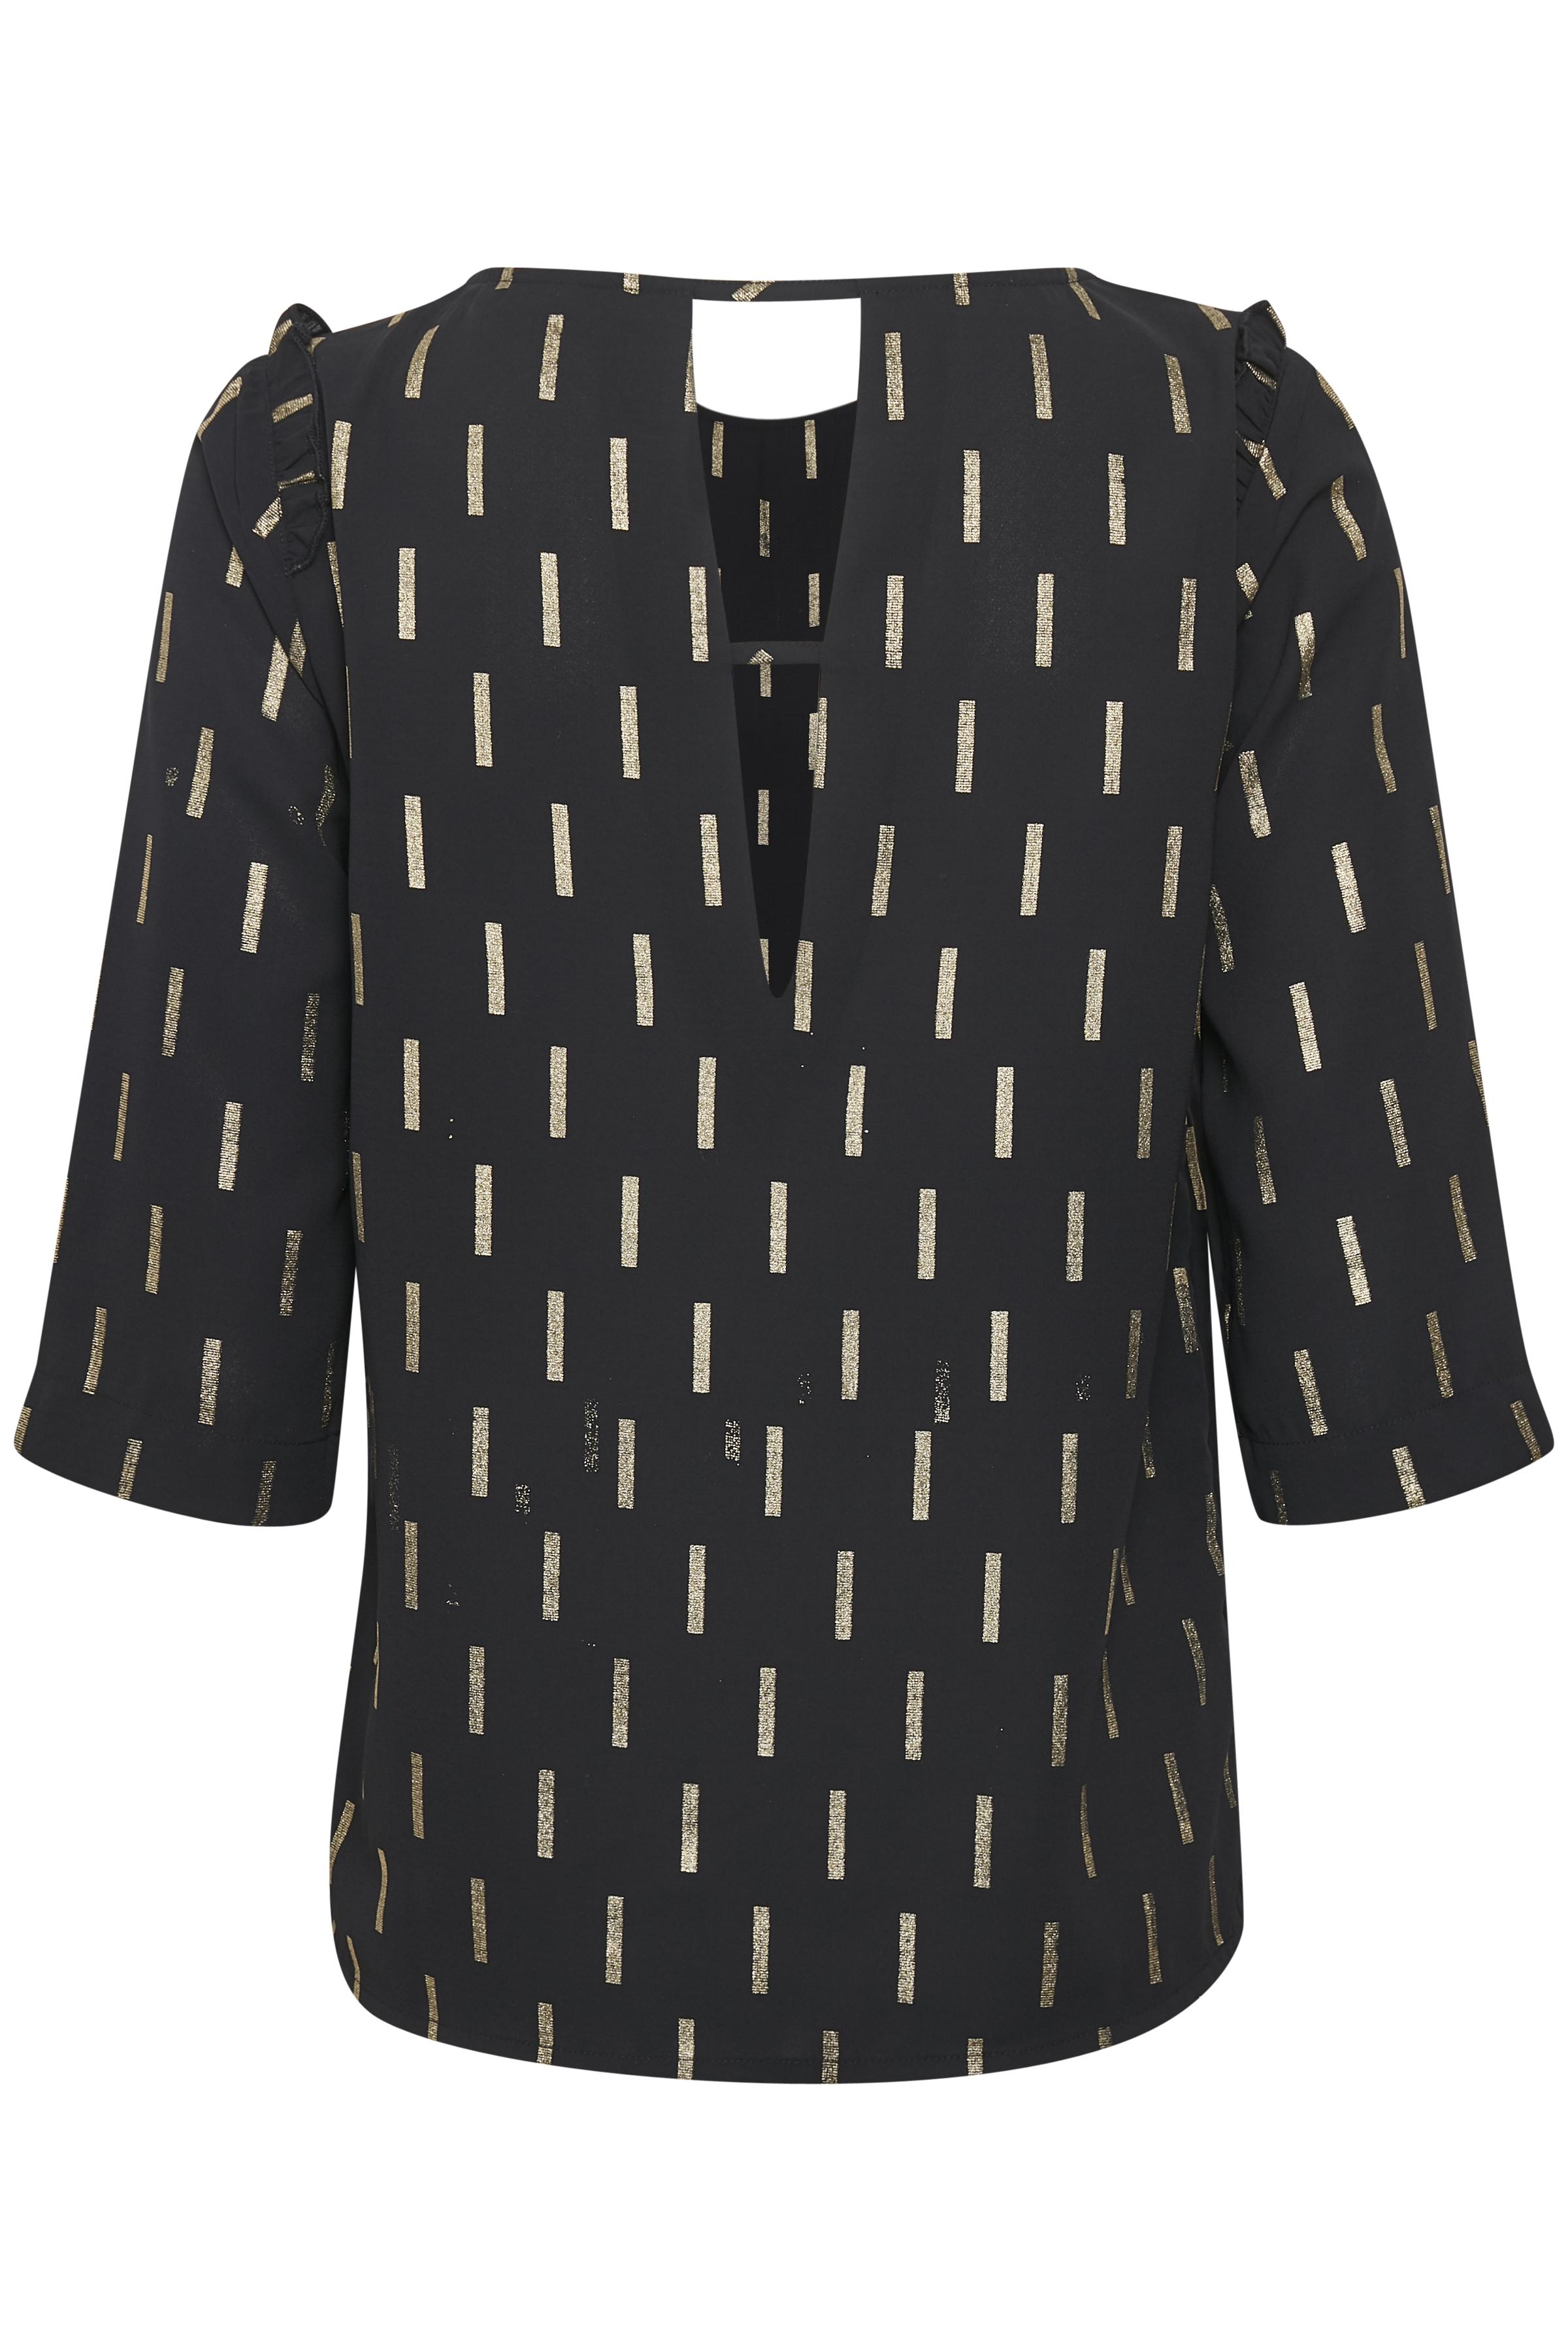 Schwarz Bluse von Dranella – Shoppen Sie Schwarz Bluse ab Gr. XS-XXL hier